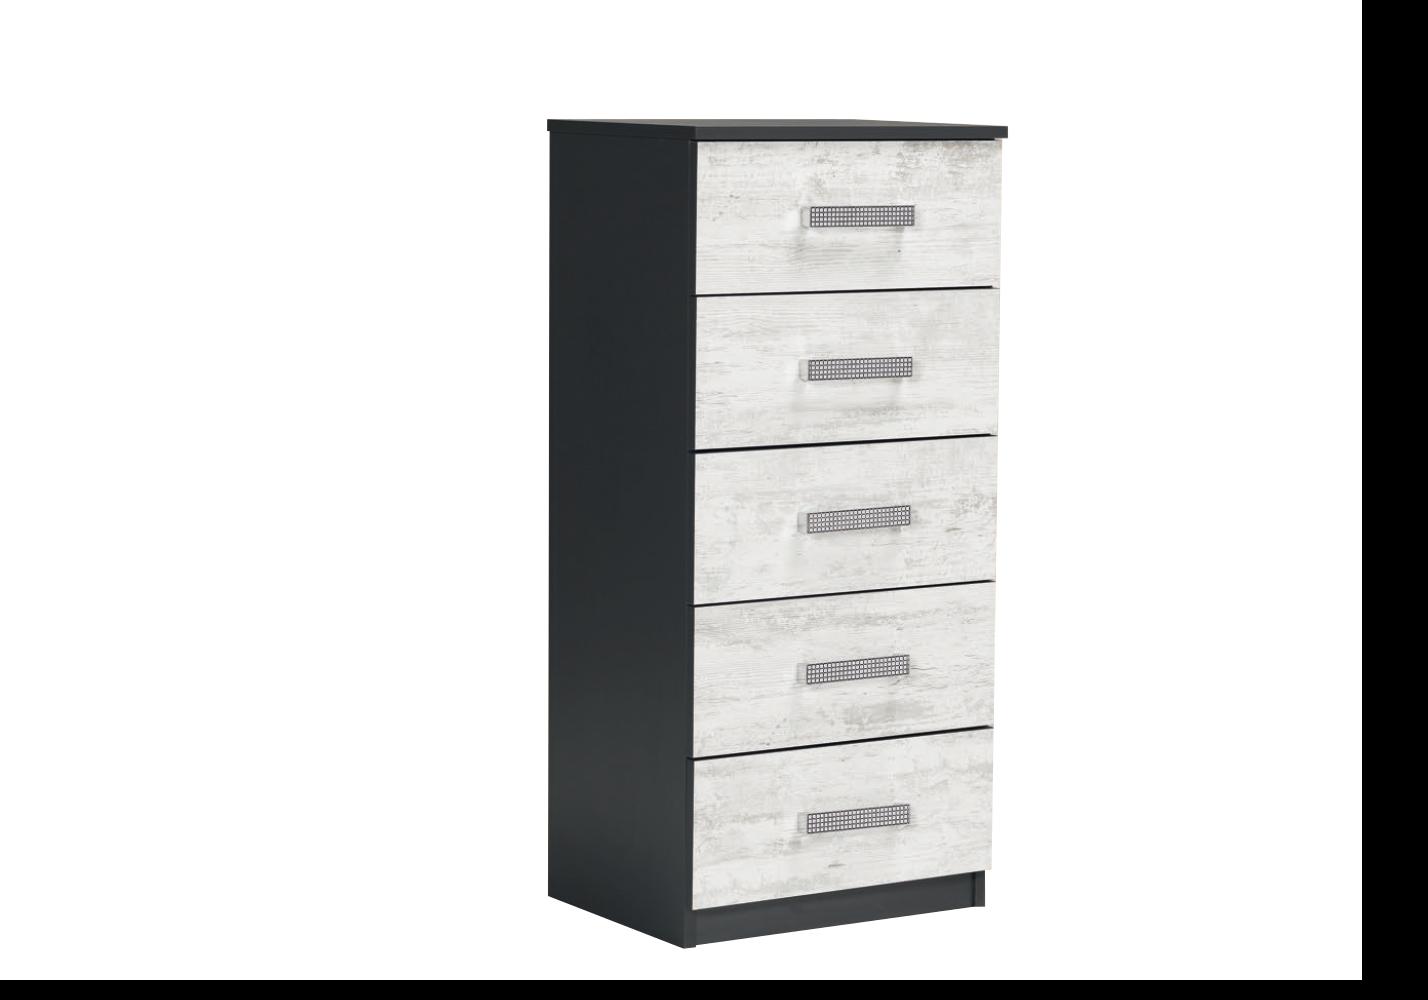 chiffonnier-5-tiroirs-noir-bois-blanci-ibiza